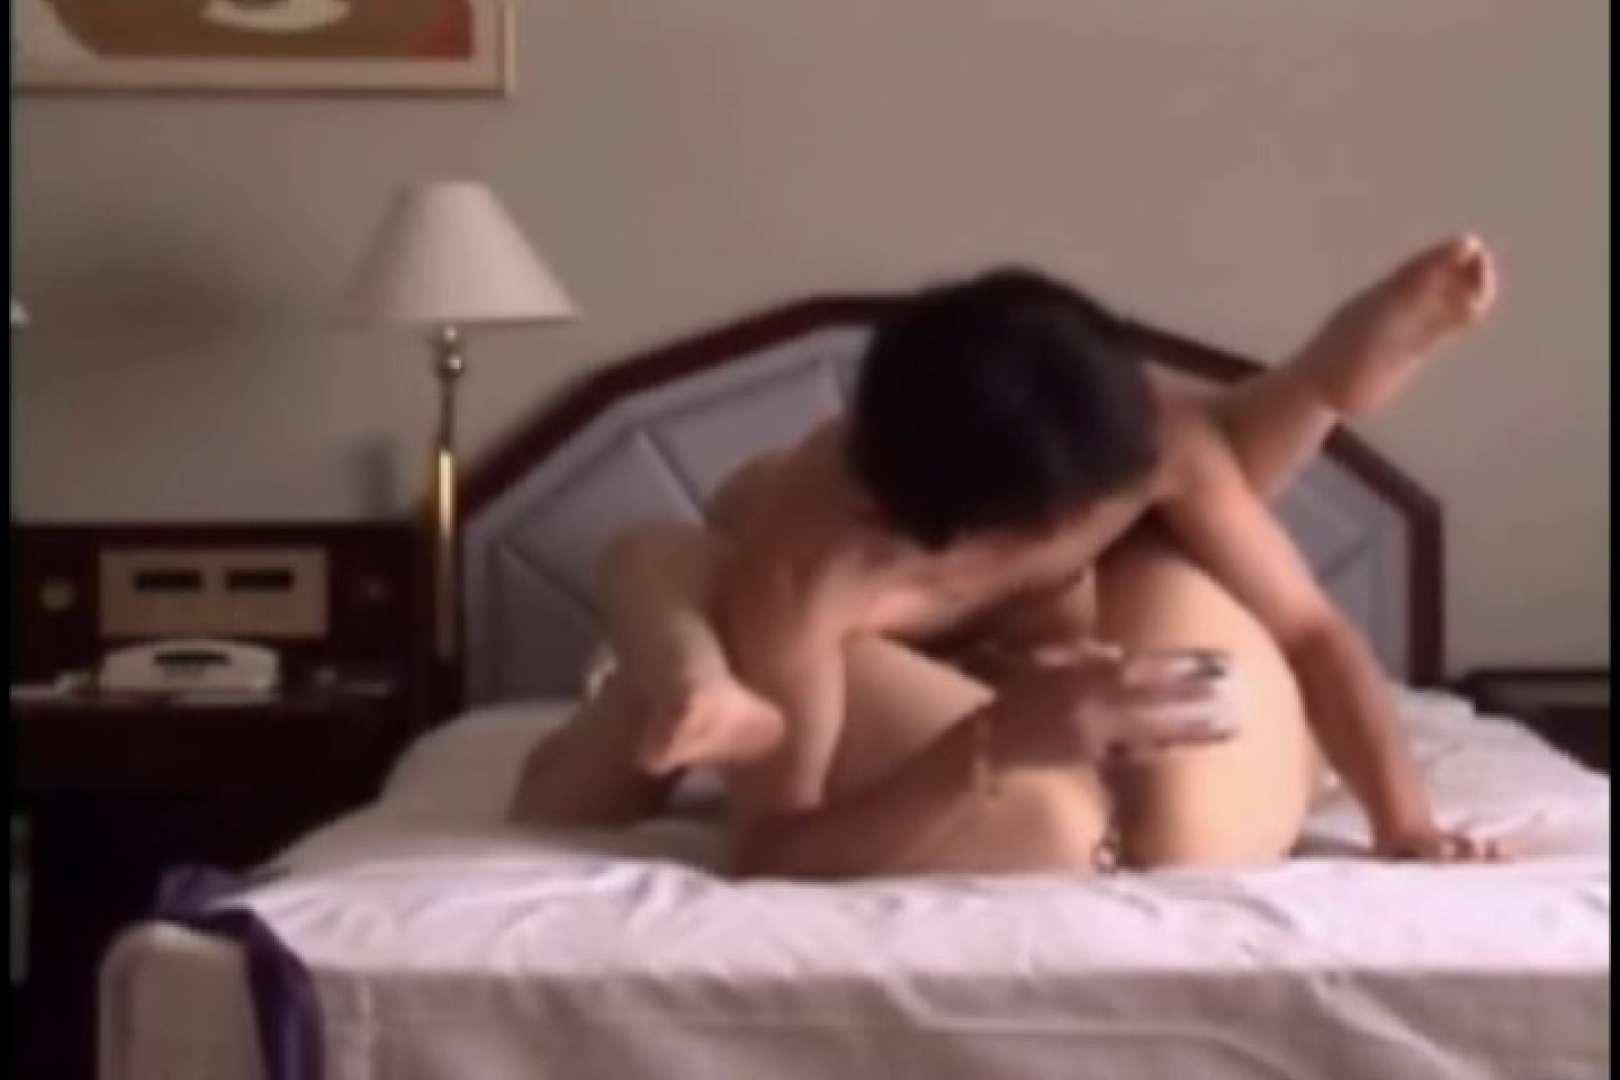 ホテルに抱かれに来る美熟女2 ホテル  51PIX 16